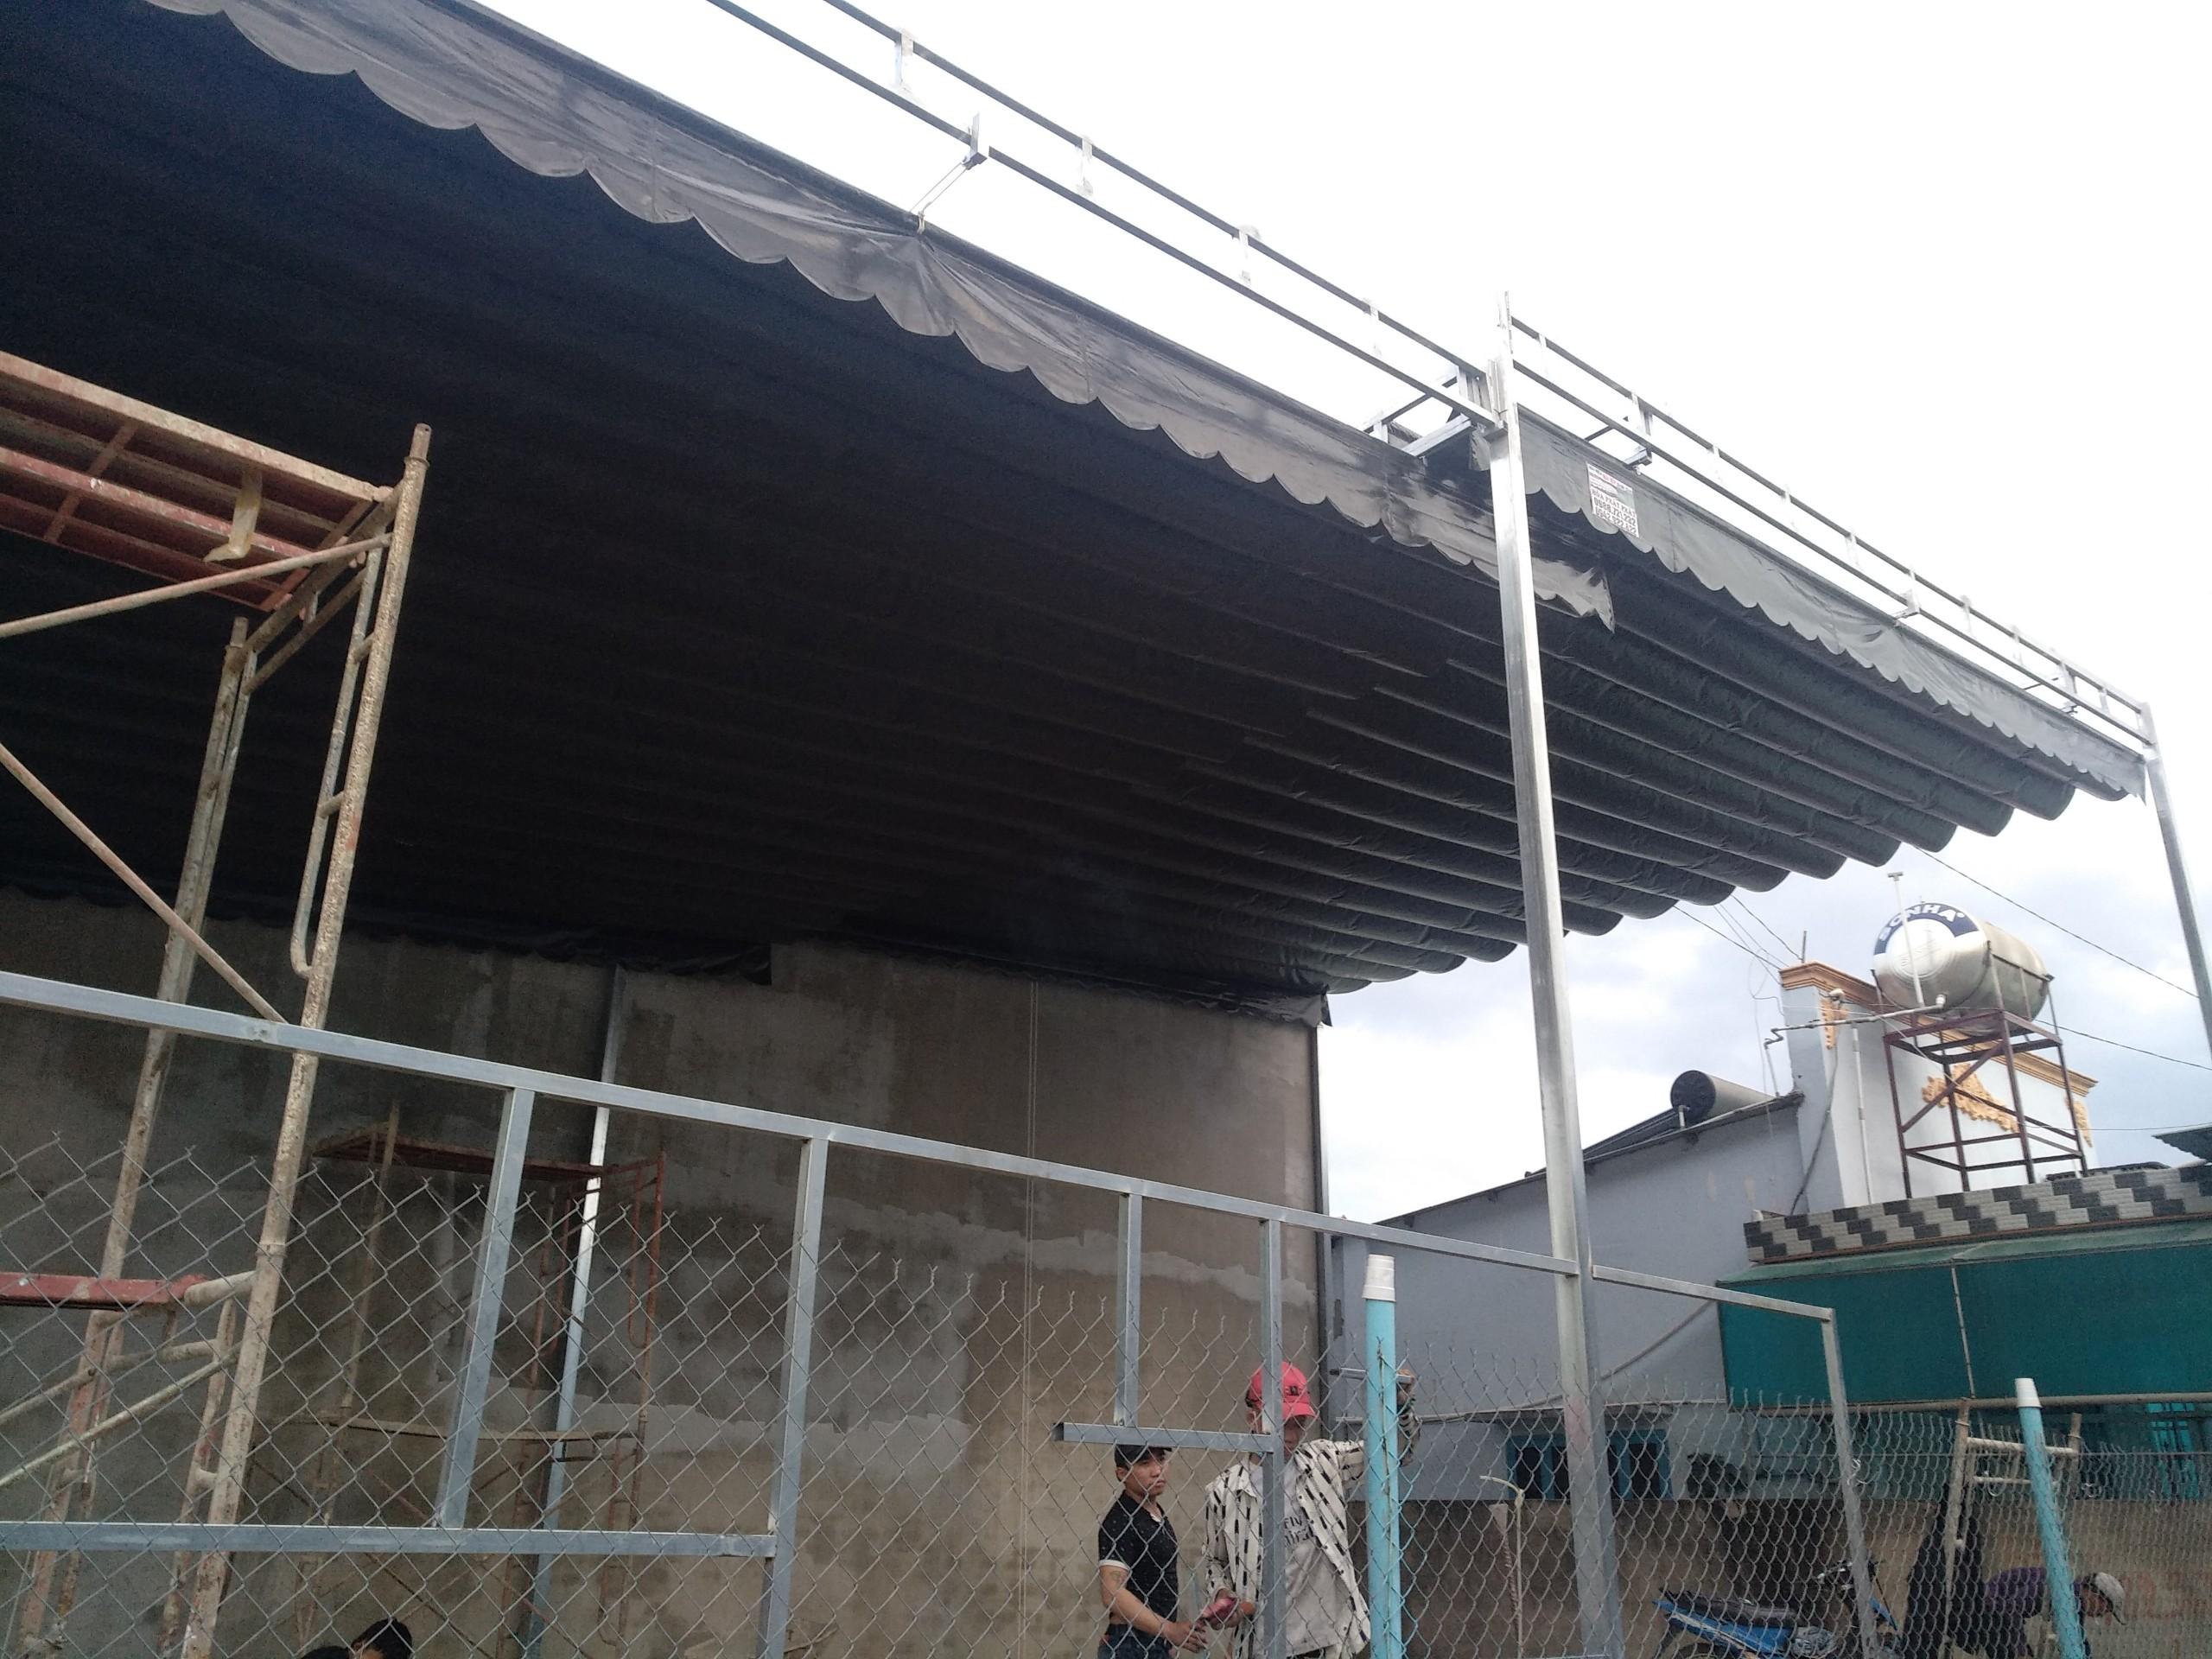 Lắp đặt mái che di động, mái bạt xếp, mái bạt lùa kéo sóng tại TP cao lãnh đồng tháp